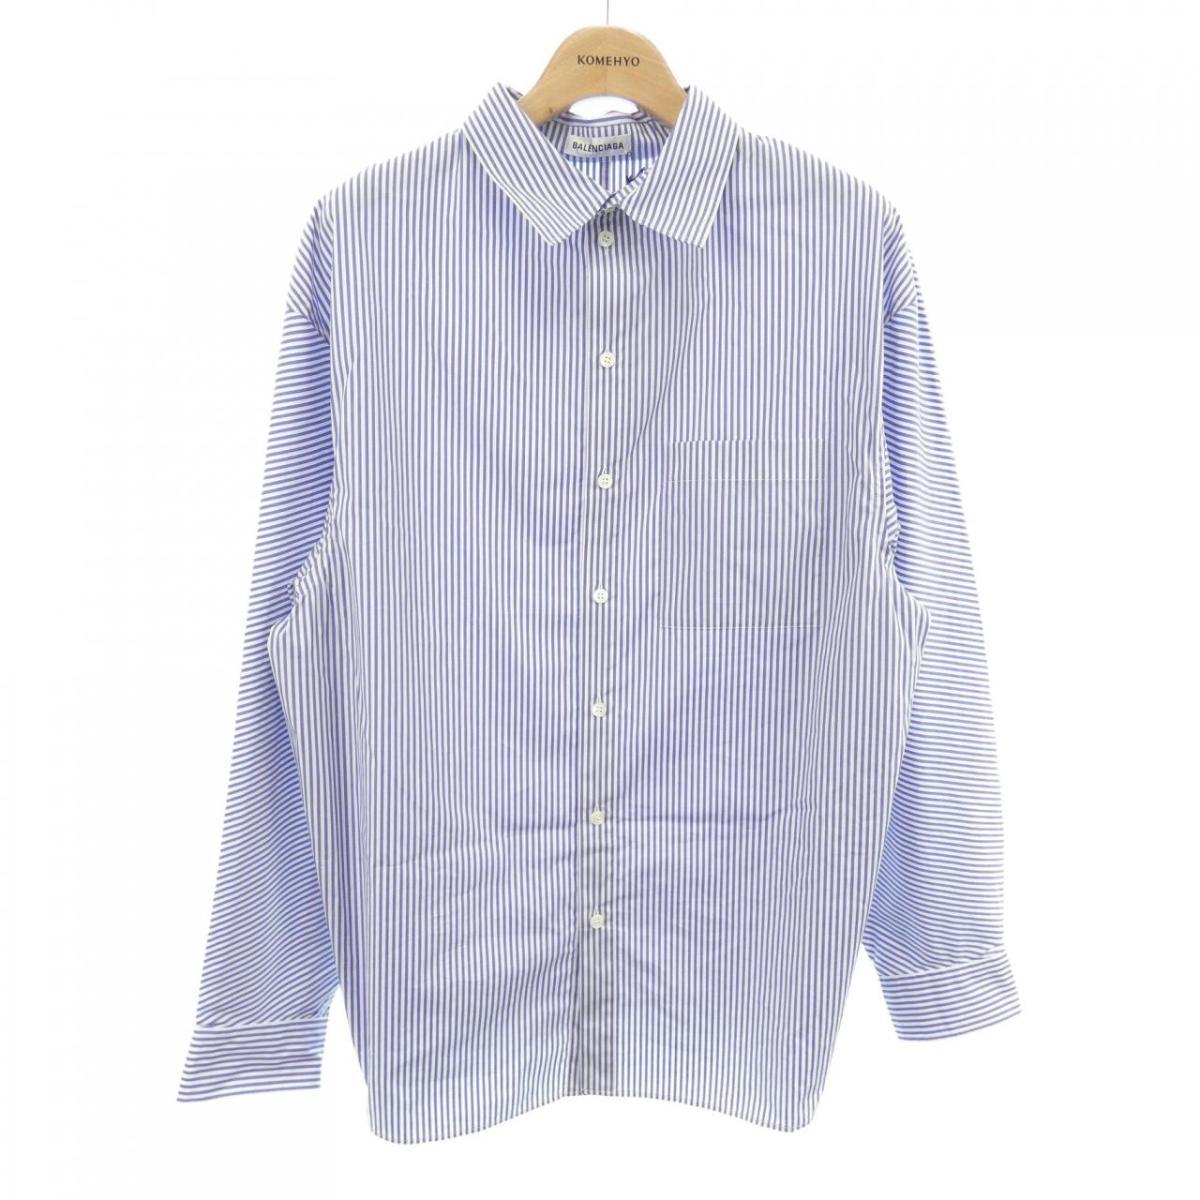 バレンシアガ BALENCIAGA シャツ 中古 定番スタイル 新作多数